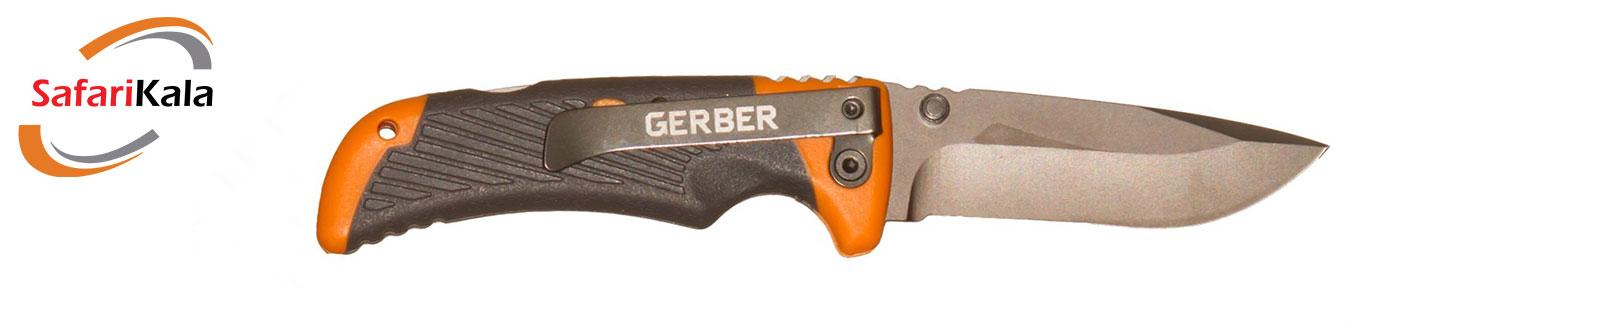 چاقو گربر 114